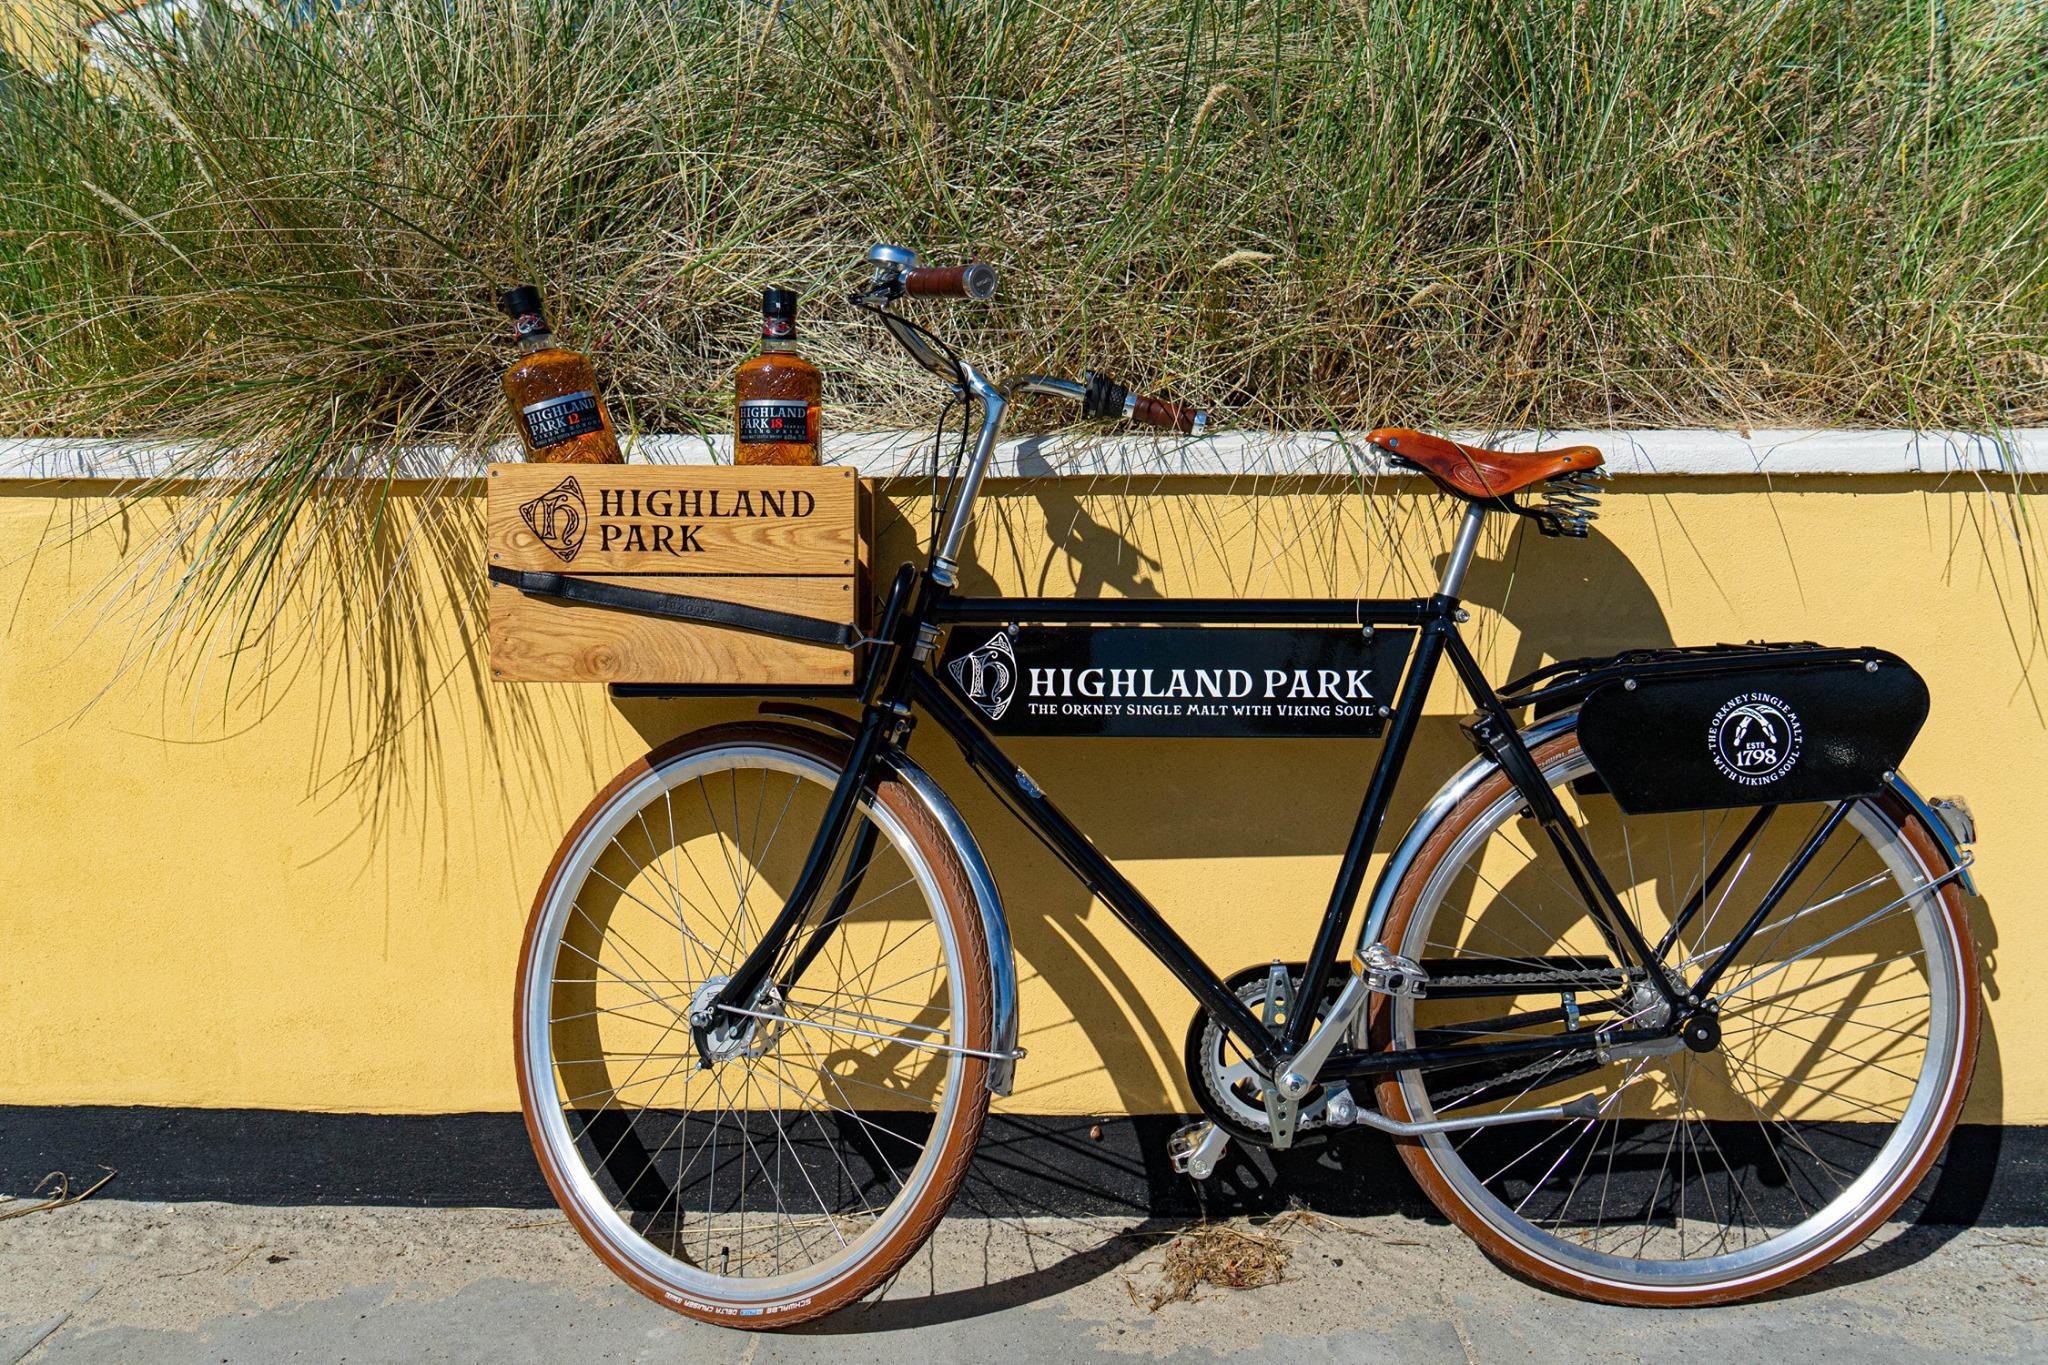 Highland Park Cykel Skagen